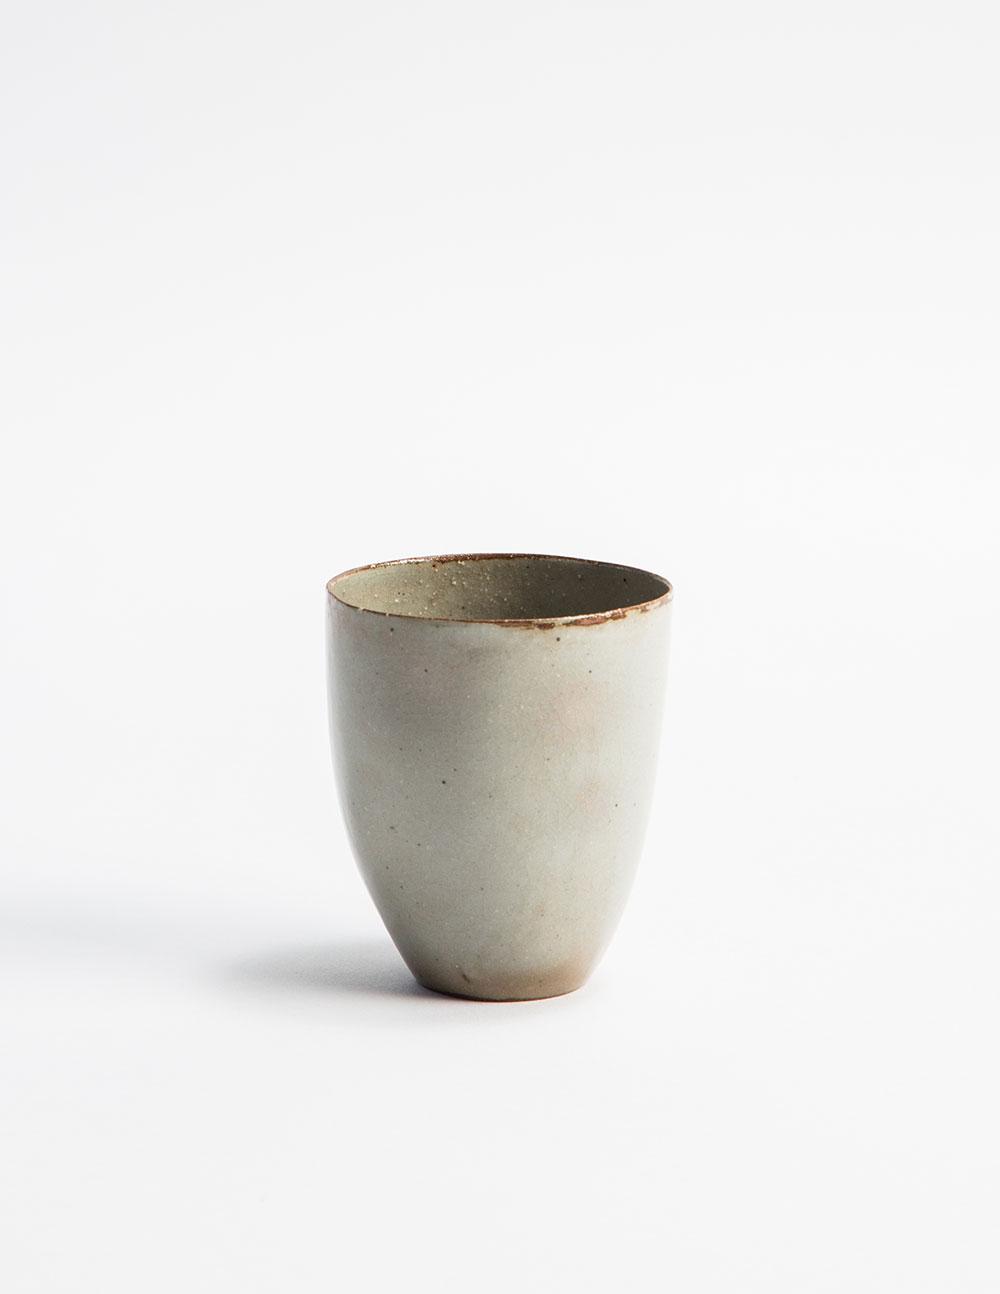 Jurgen Lehl Handmade Cup  $125